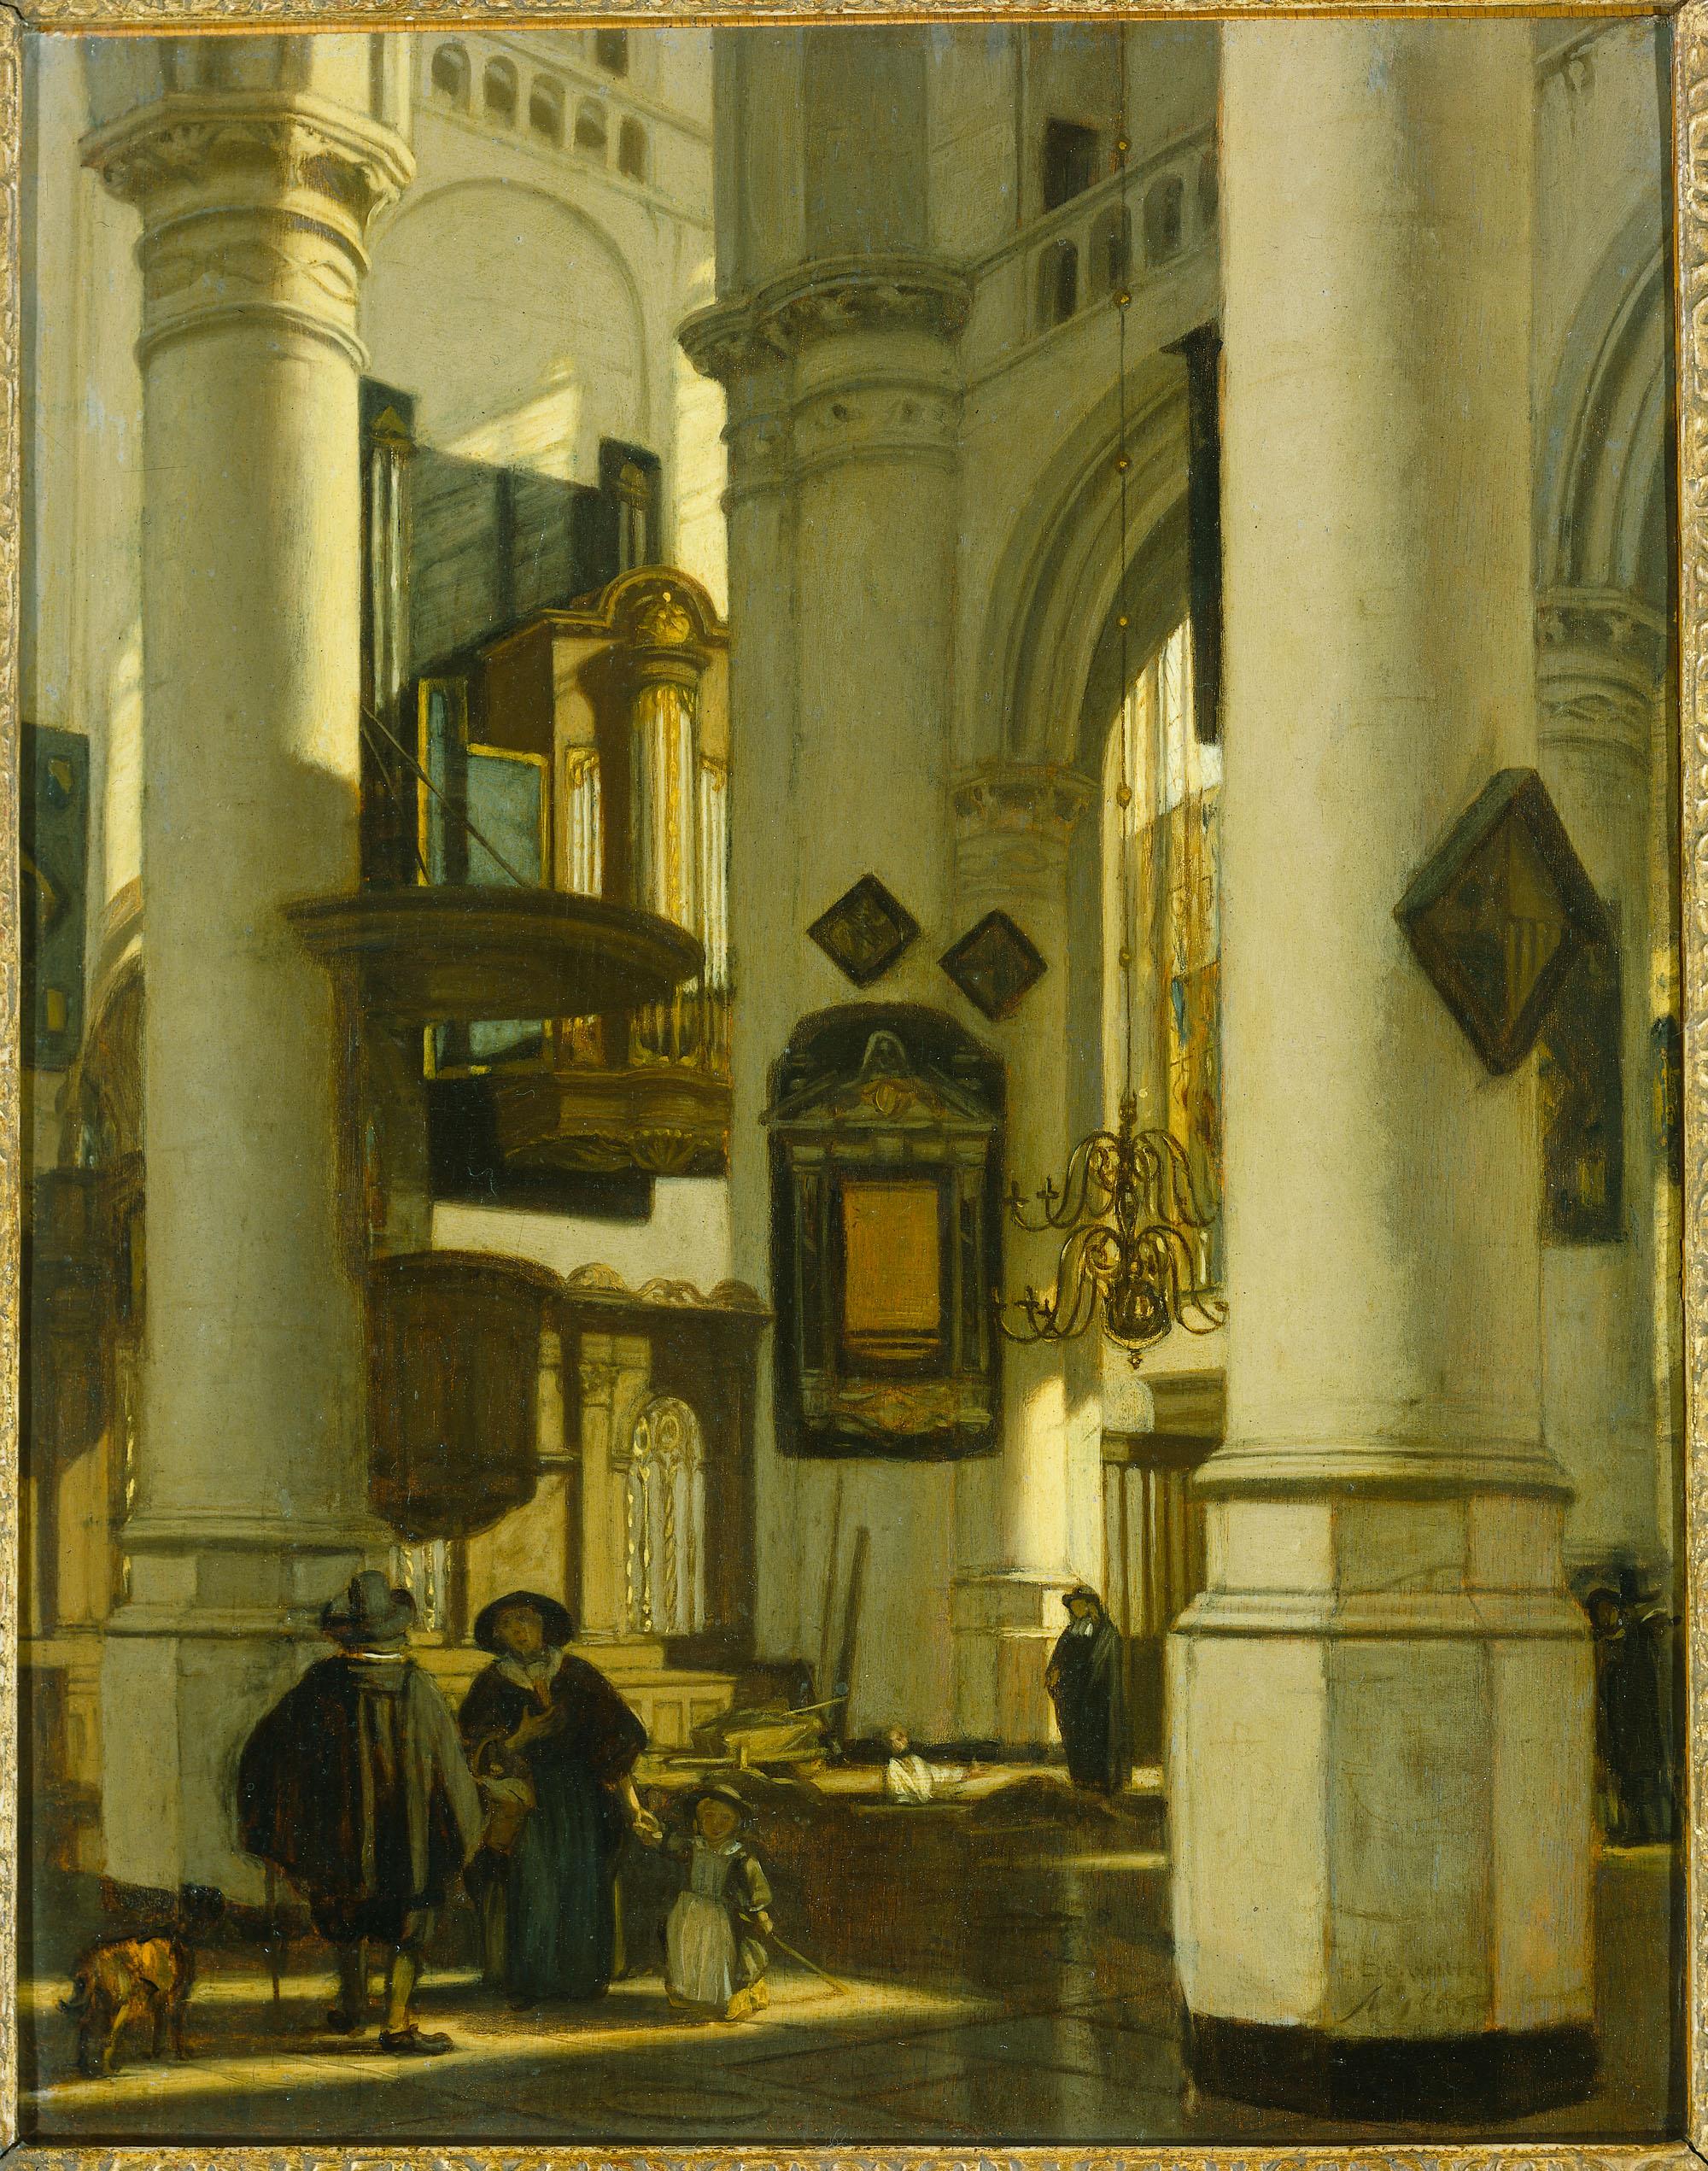 Interieur van een protestantse gotische kerk met motieven for Interieur amsterdam